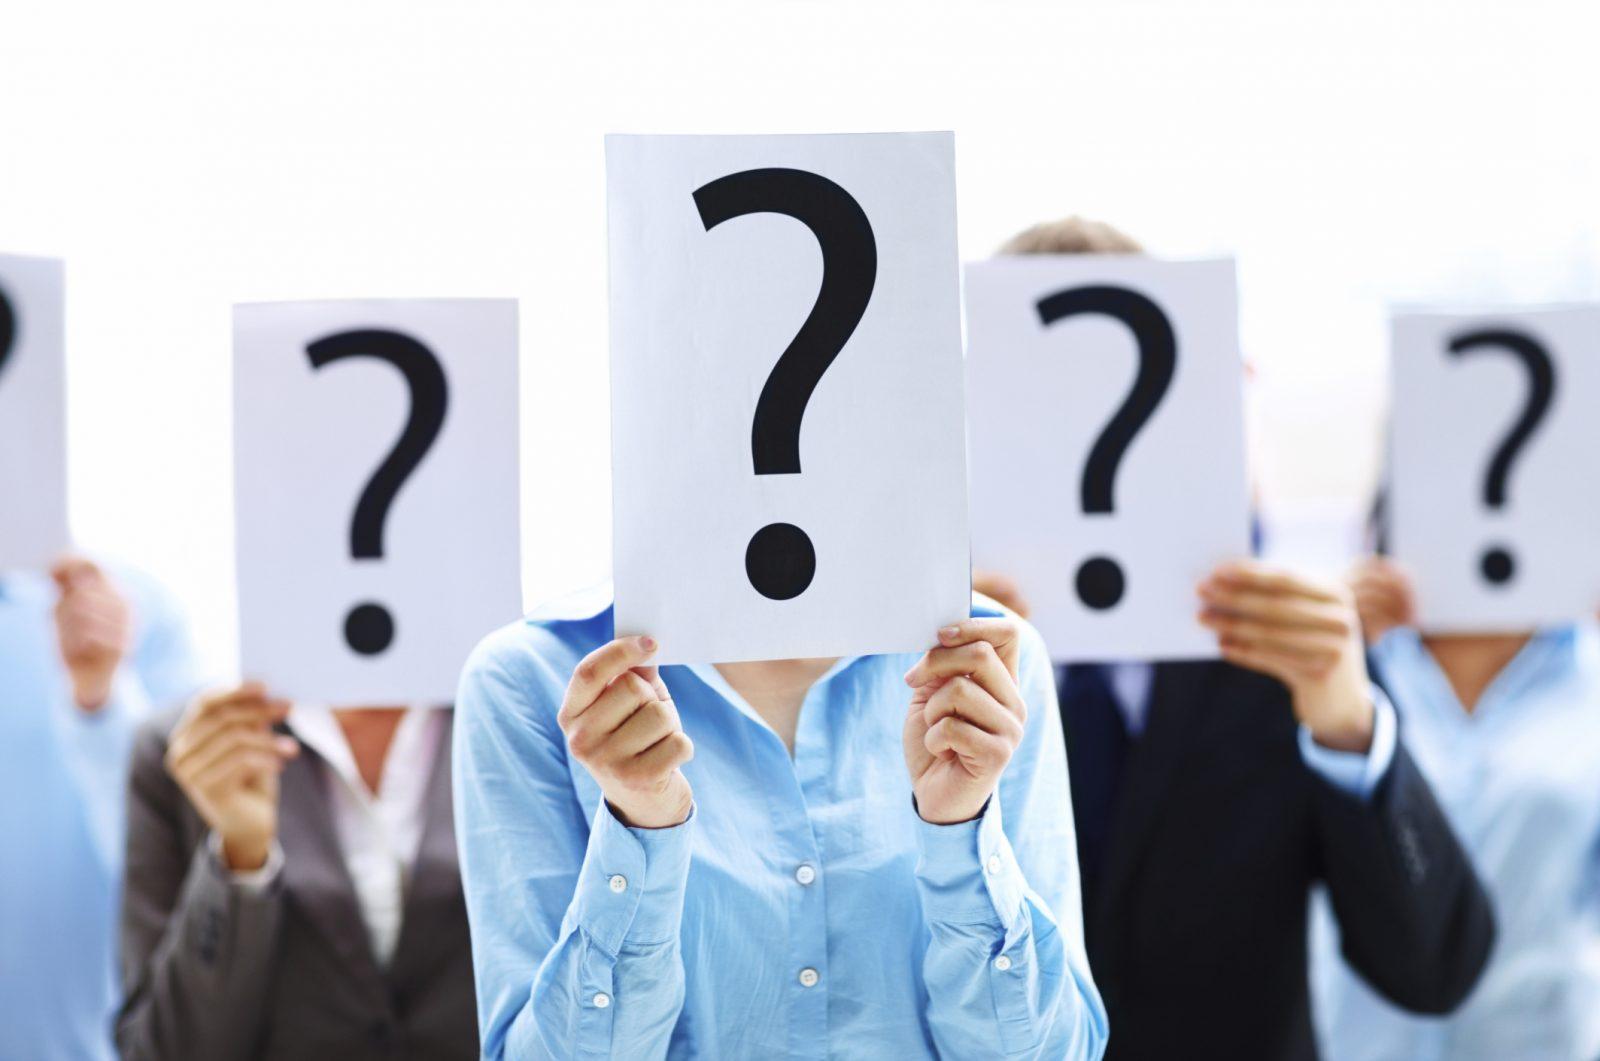 Люди держат в руках листы с изображением знака вопроса